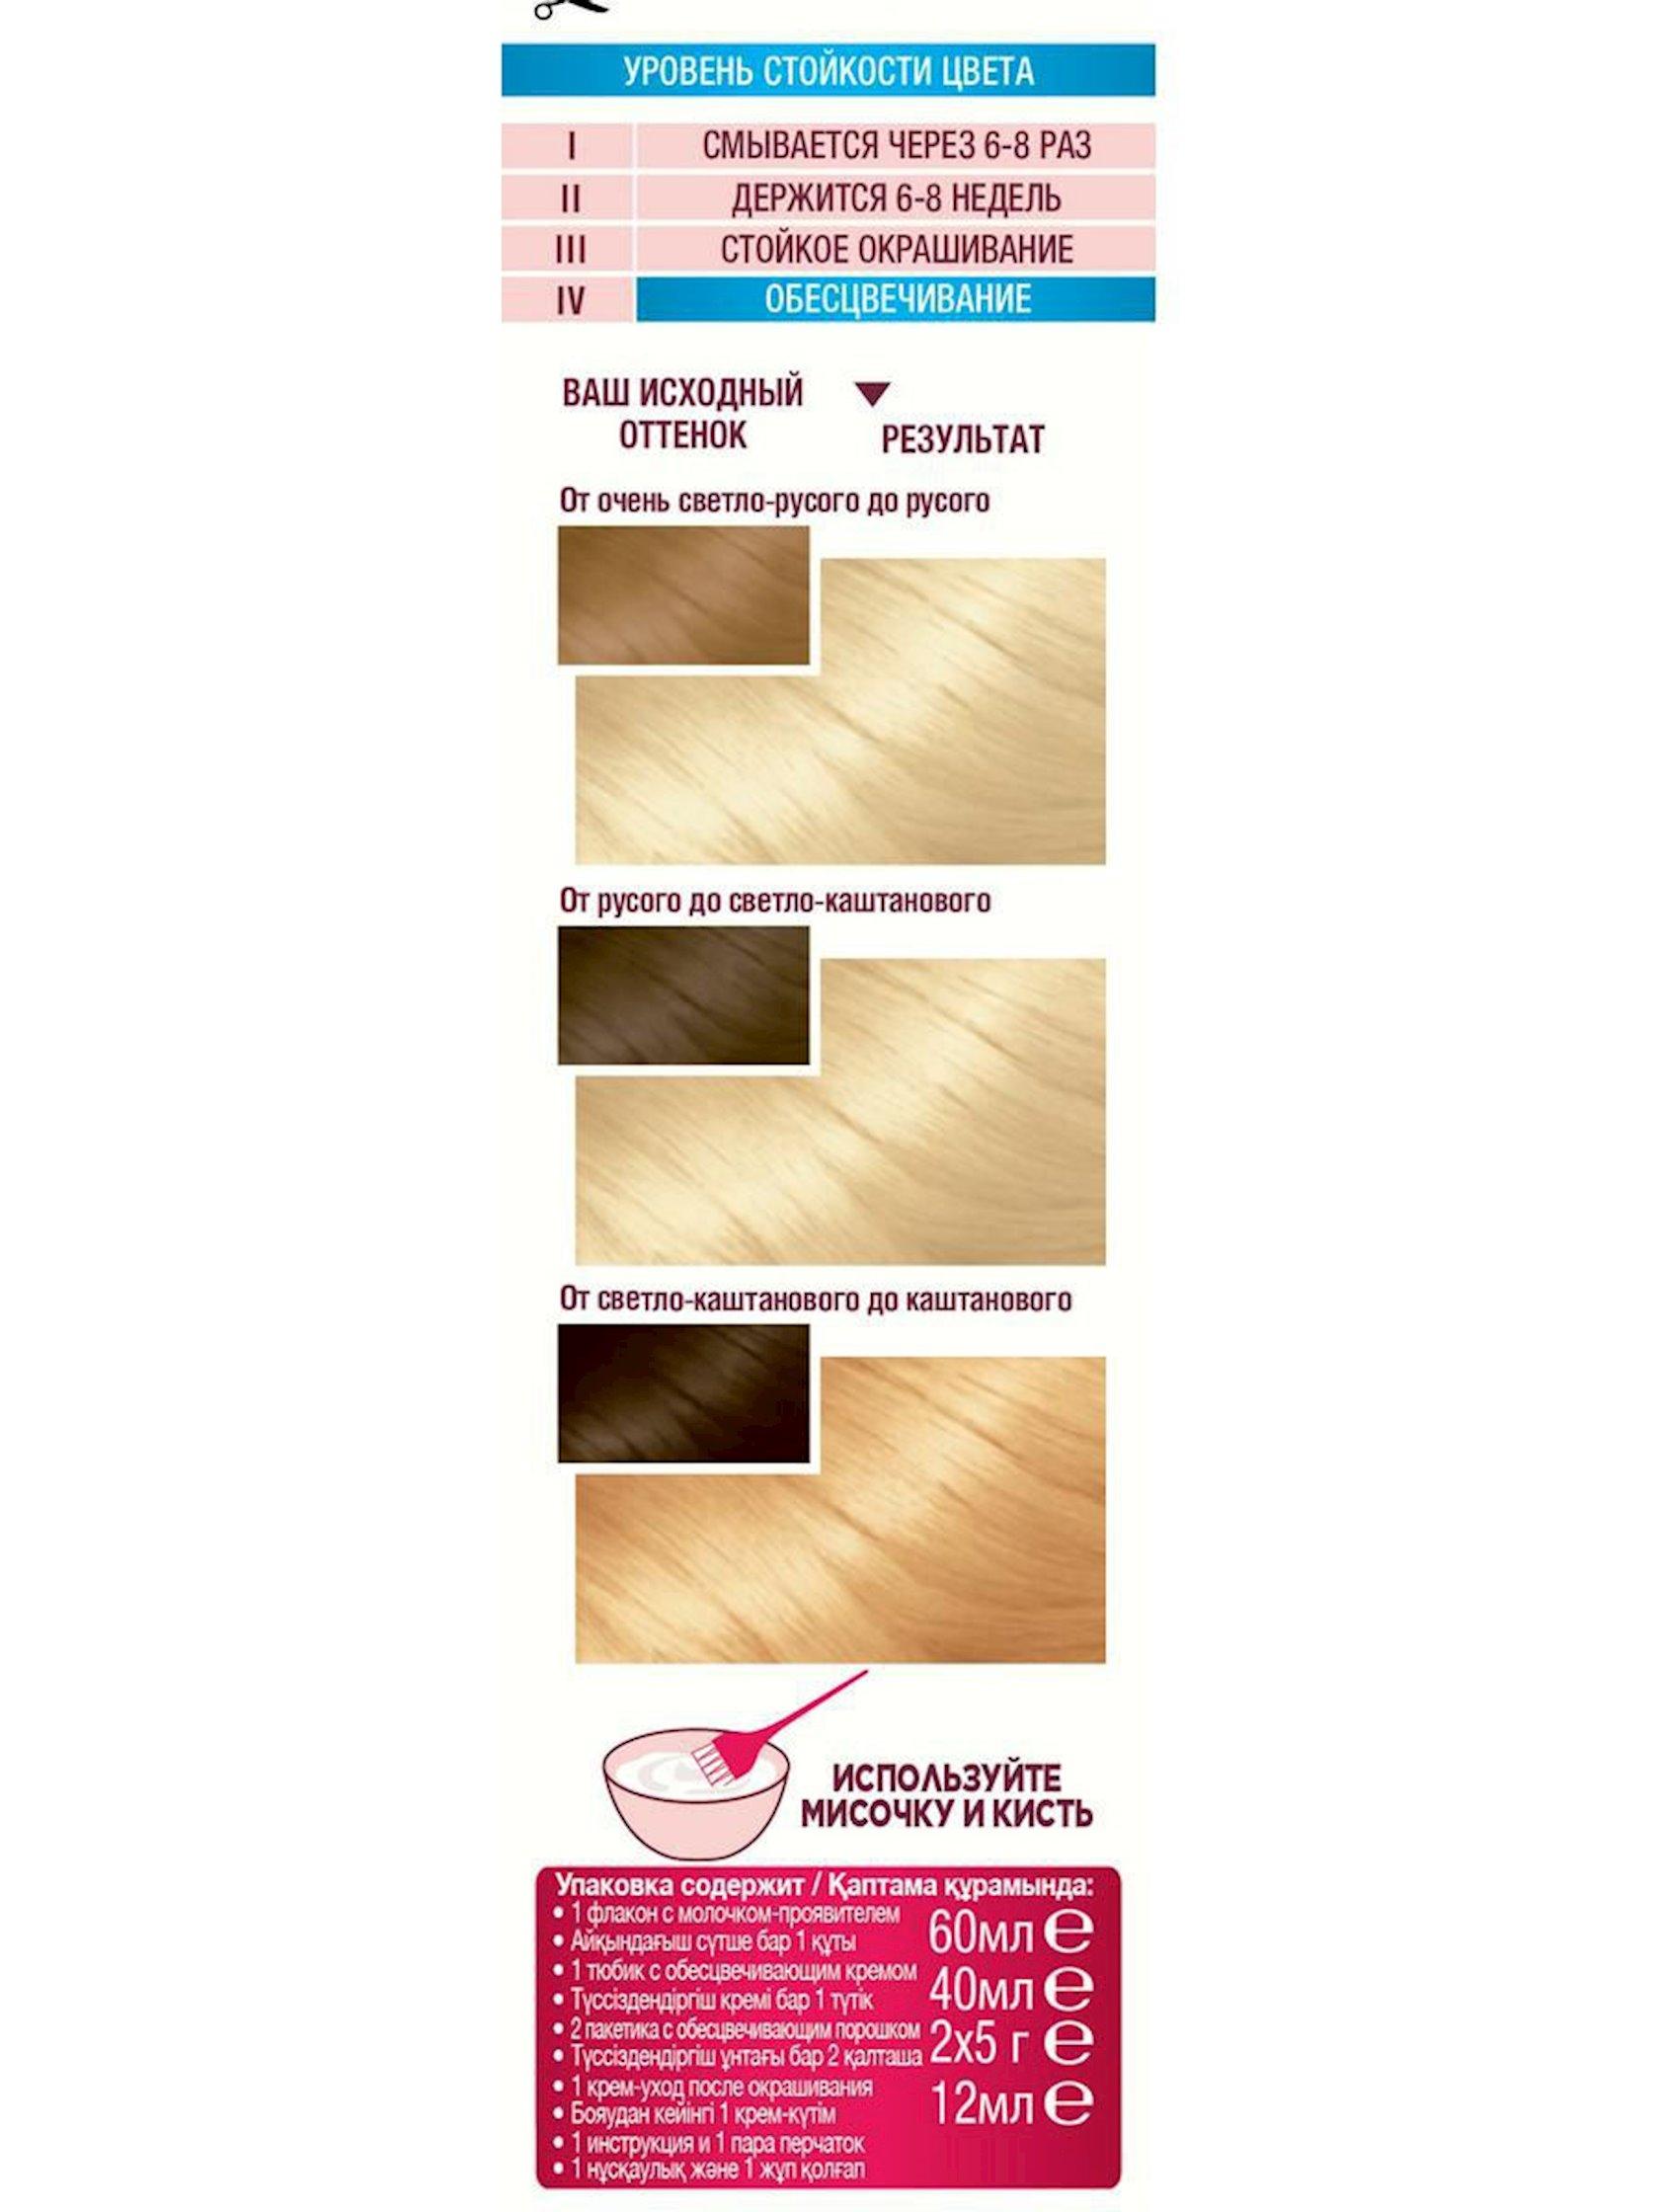 Saç üçün qalıcı krem-boya Garnier Color Sensation E0 Super blond